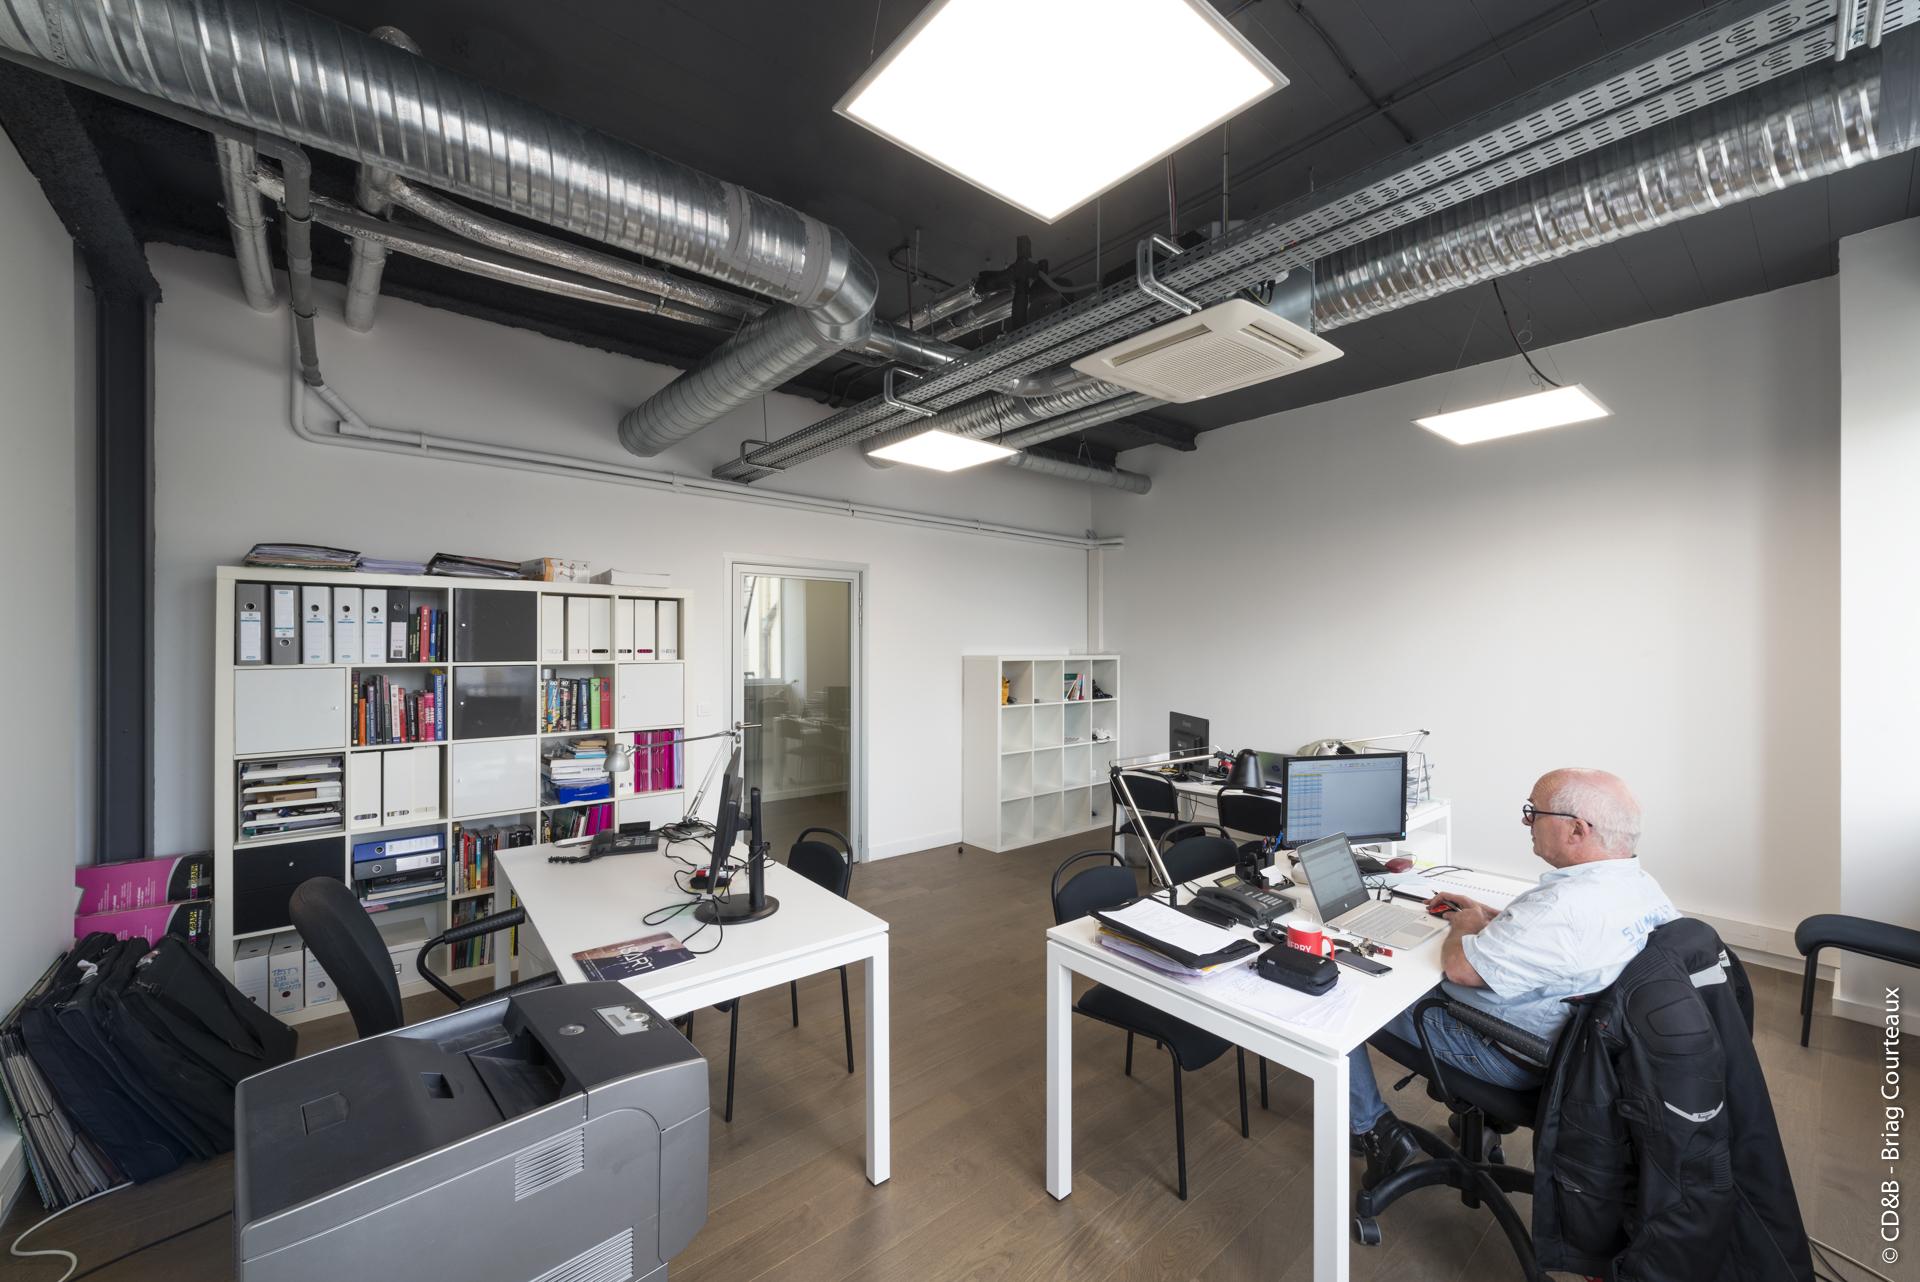 Conseil, aménagement, conception et réalisation des espaces de travail à l'École ISART par CDB, Meet you there.